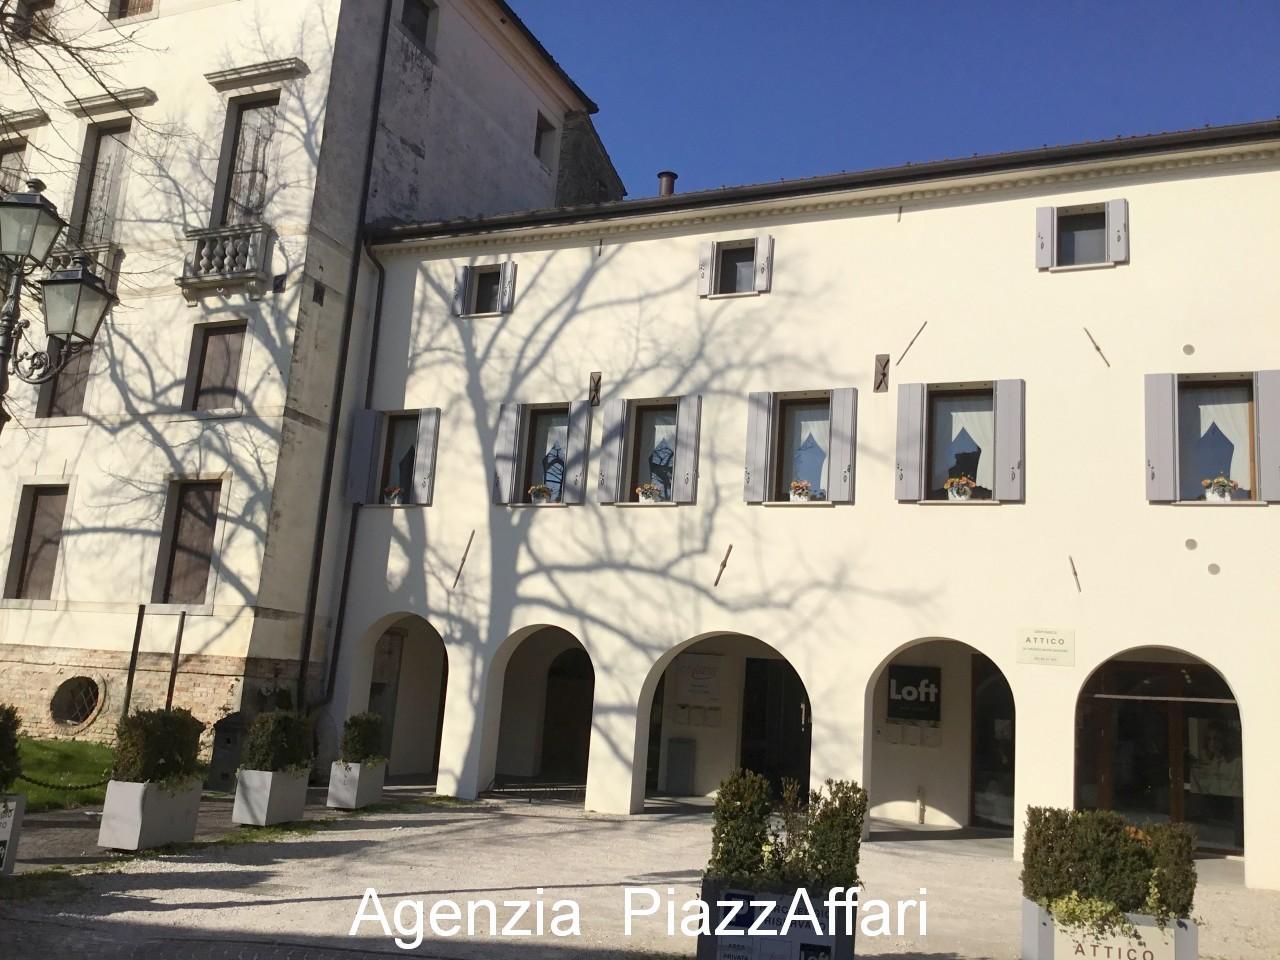 Agenzia Piazzaffari